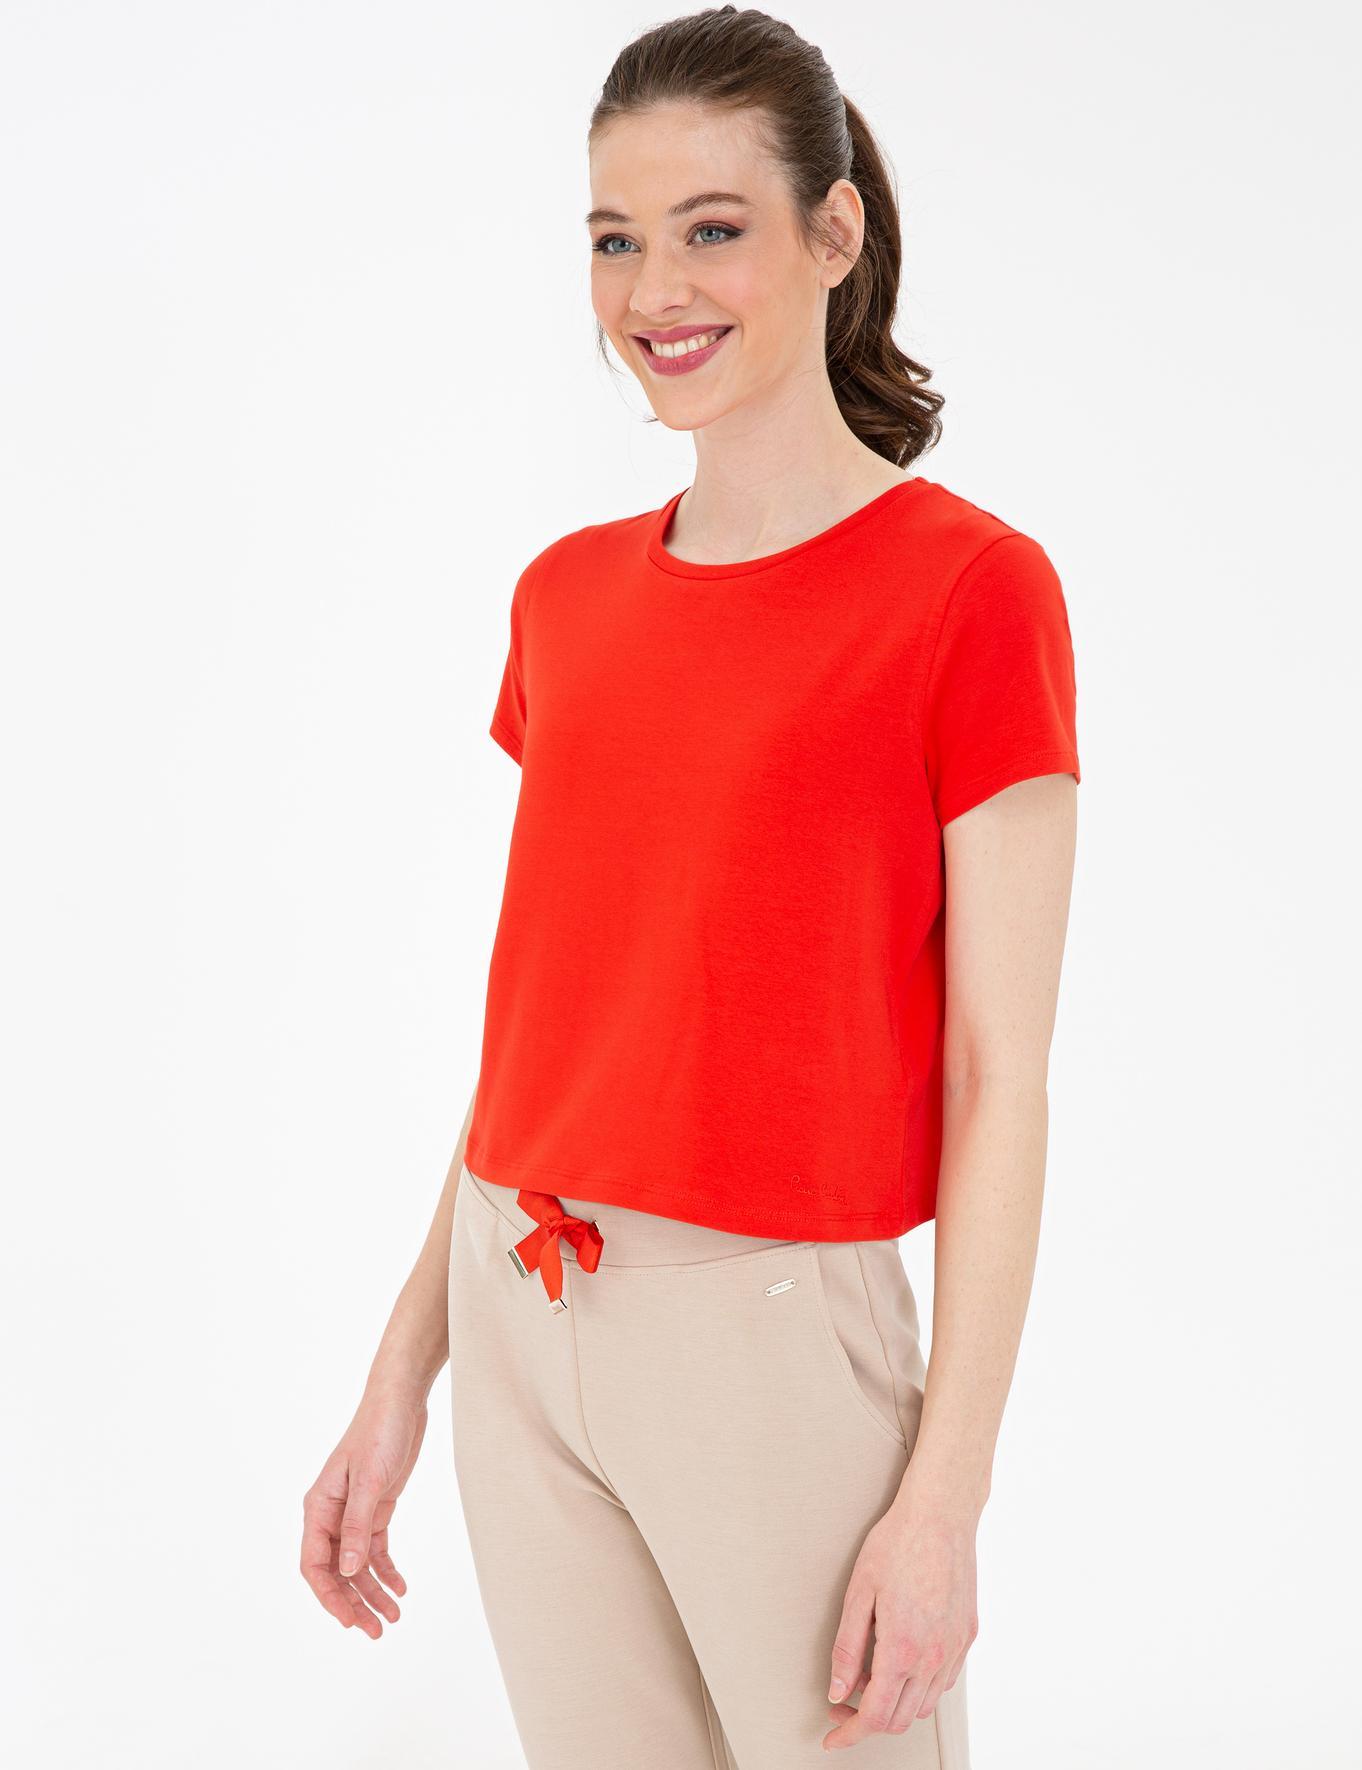 Nar Çiçeği Crop Top Fit T-Shirt